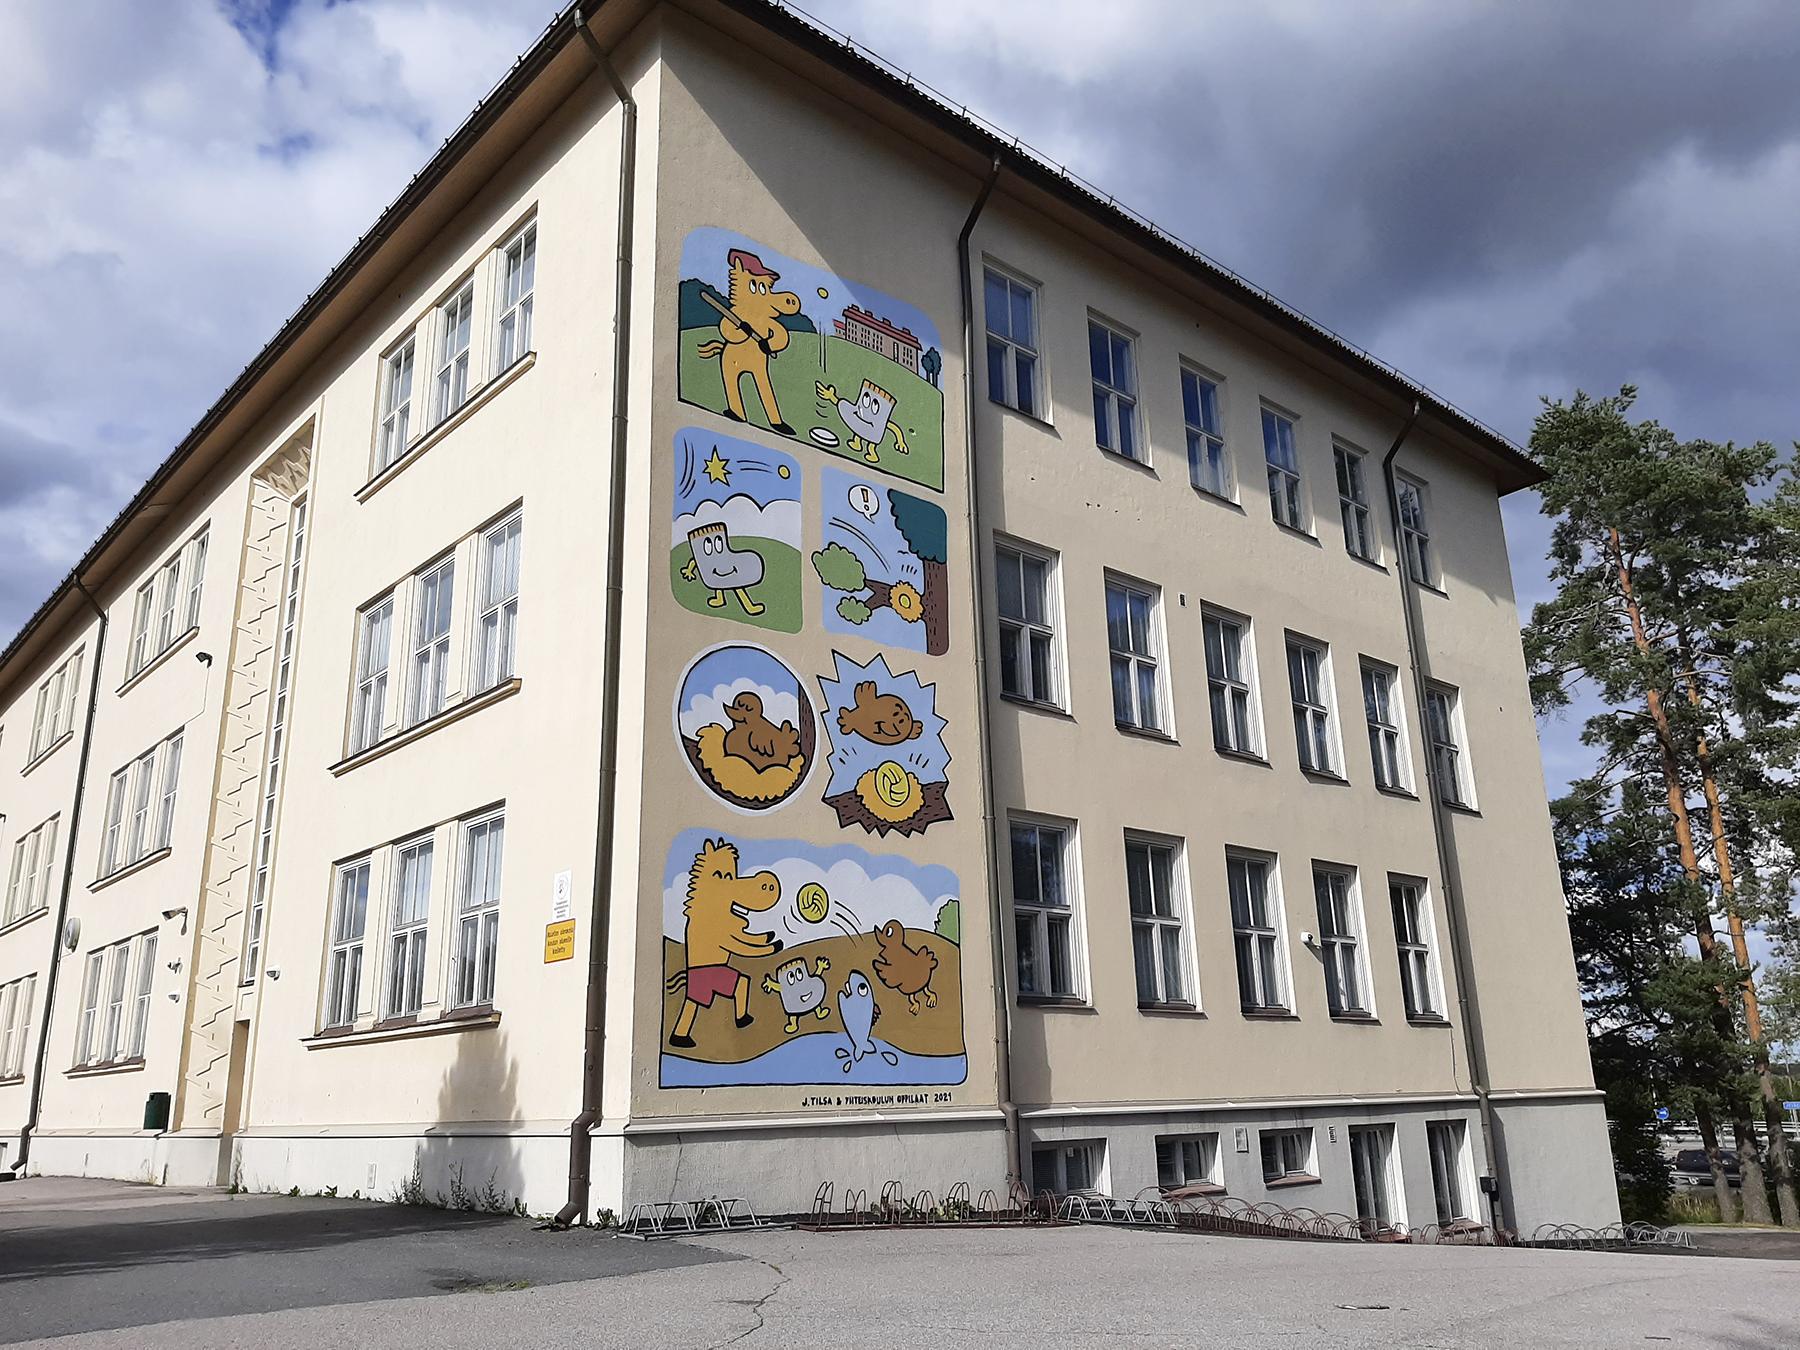 Muraali, Oriveden yhteiskoulu